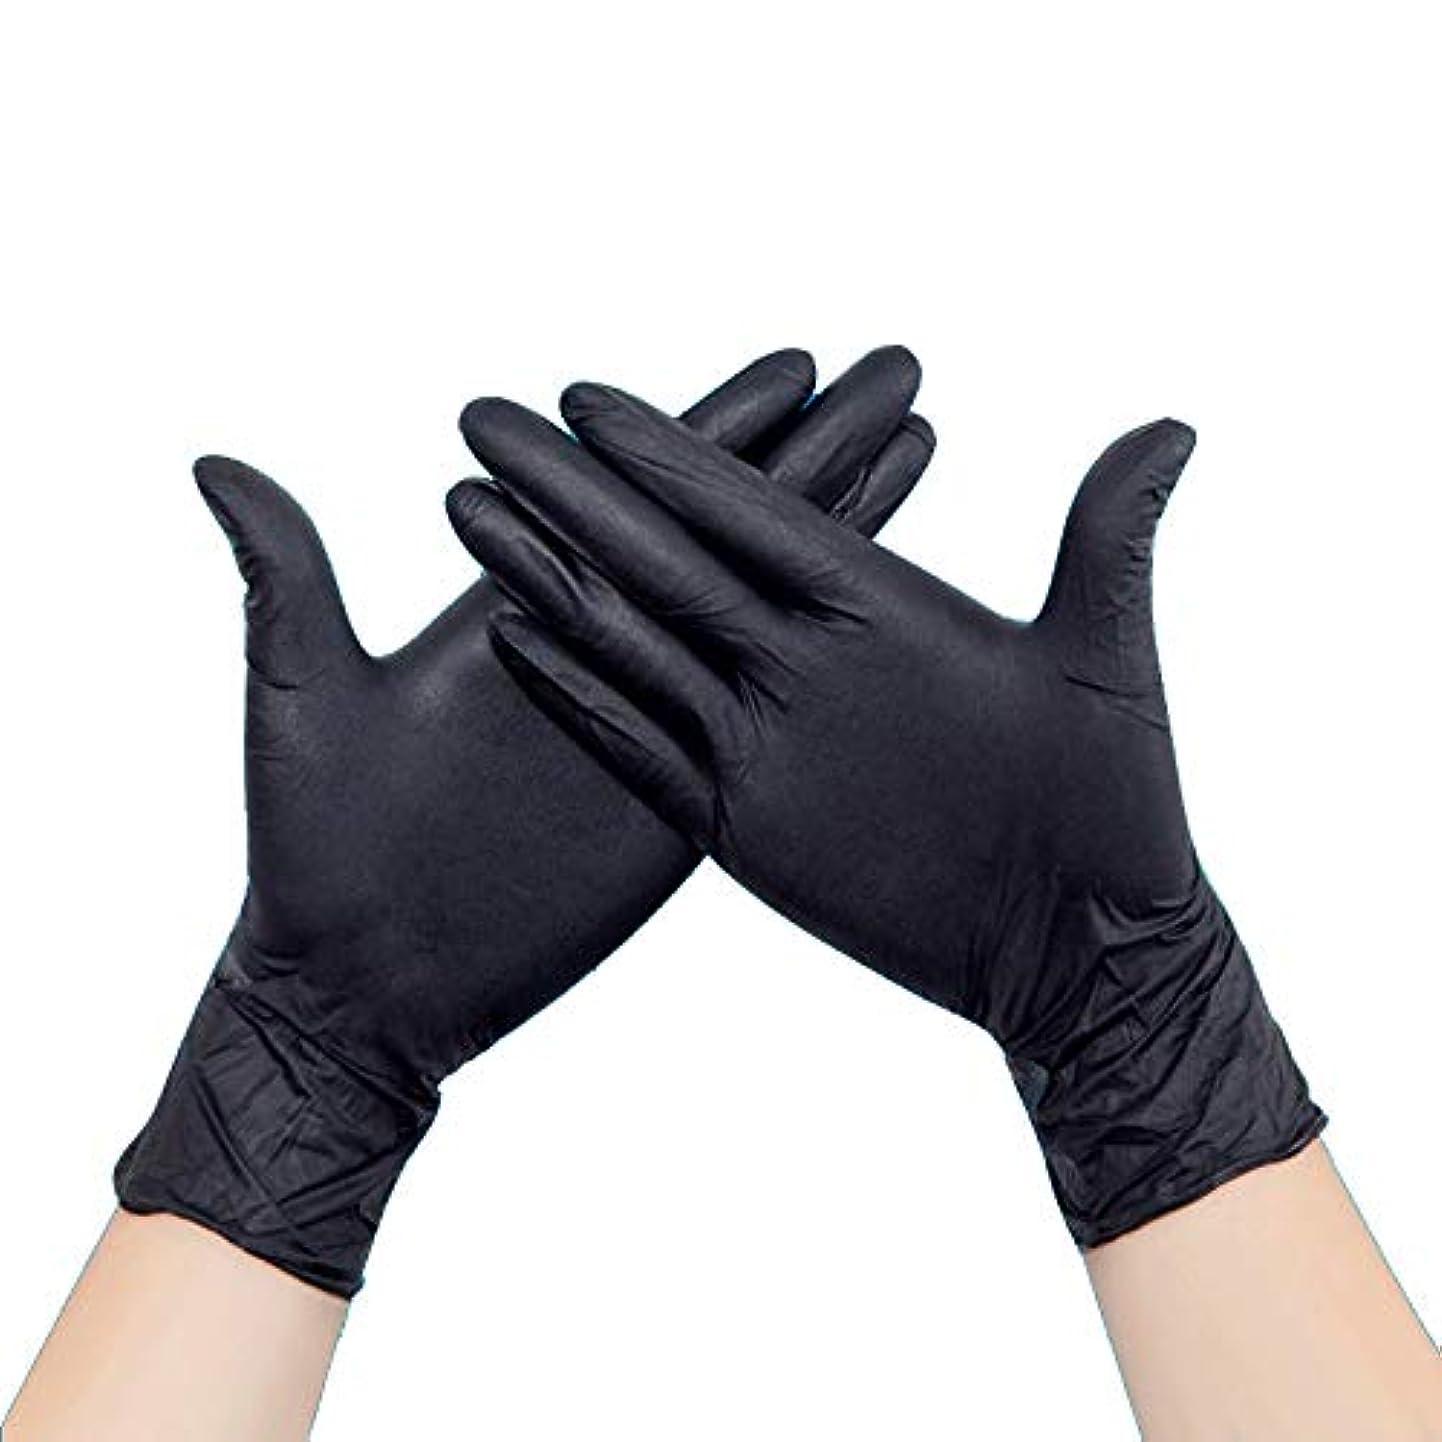 栄養トランザクションどこニトリル手袋 使い捨て手袋 メカニックグローブ 50枚入 家庭、クリーニング、実験室、ネイルアート ブラック 帯電防止手袋 左右兼用